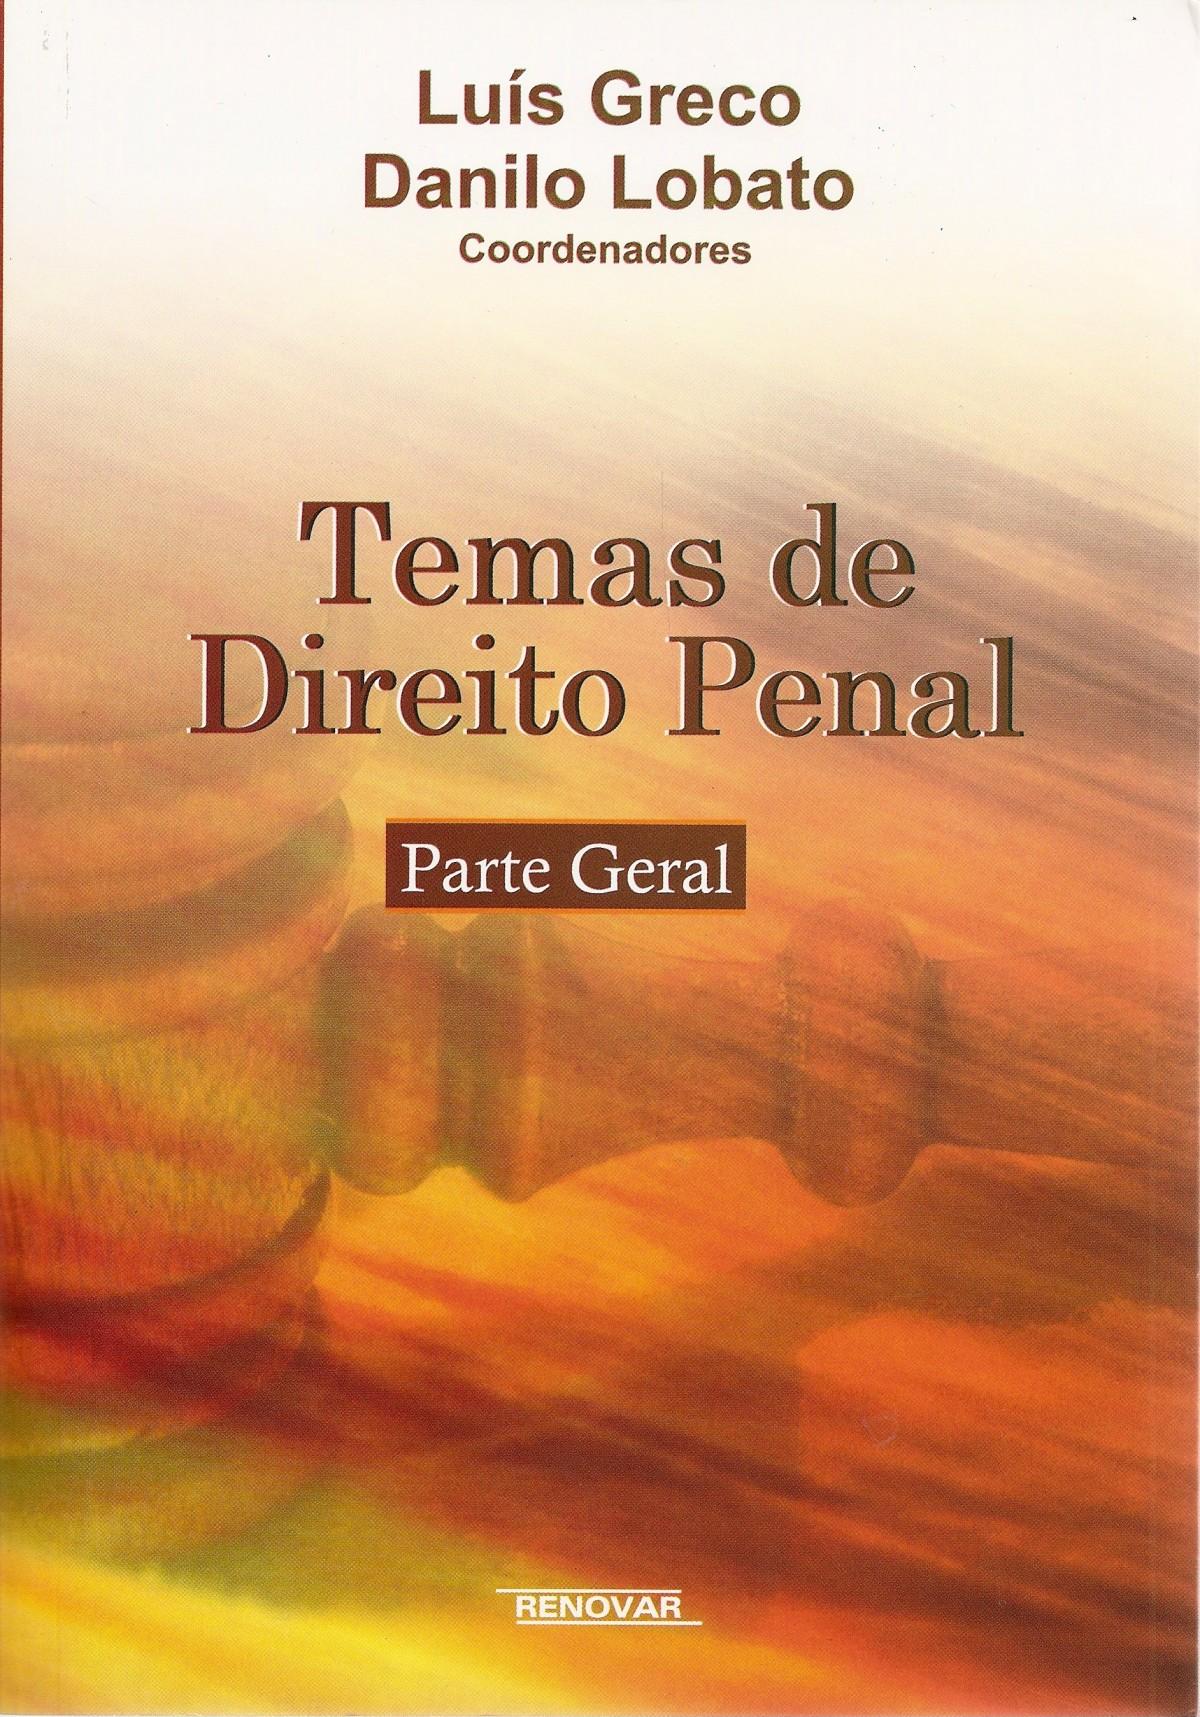 Foto 1 - Temas de Direito Penal - Parte Geral